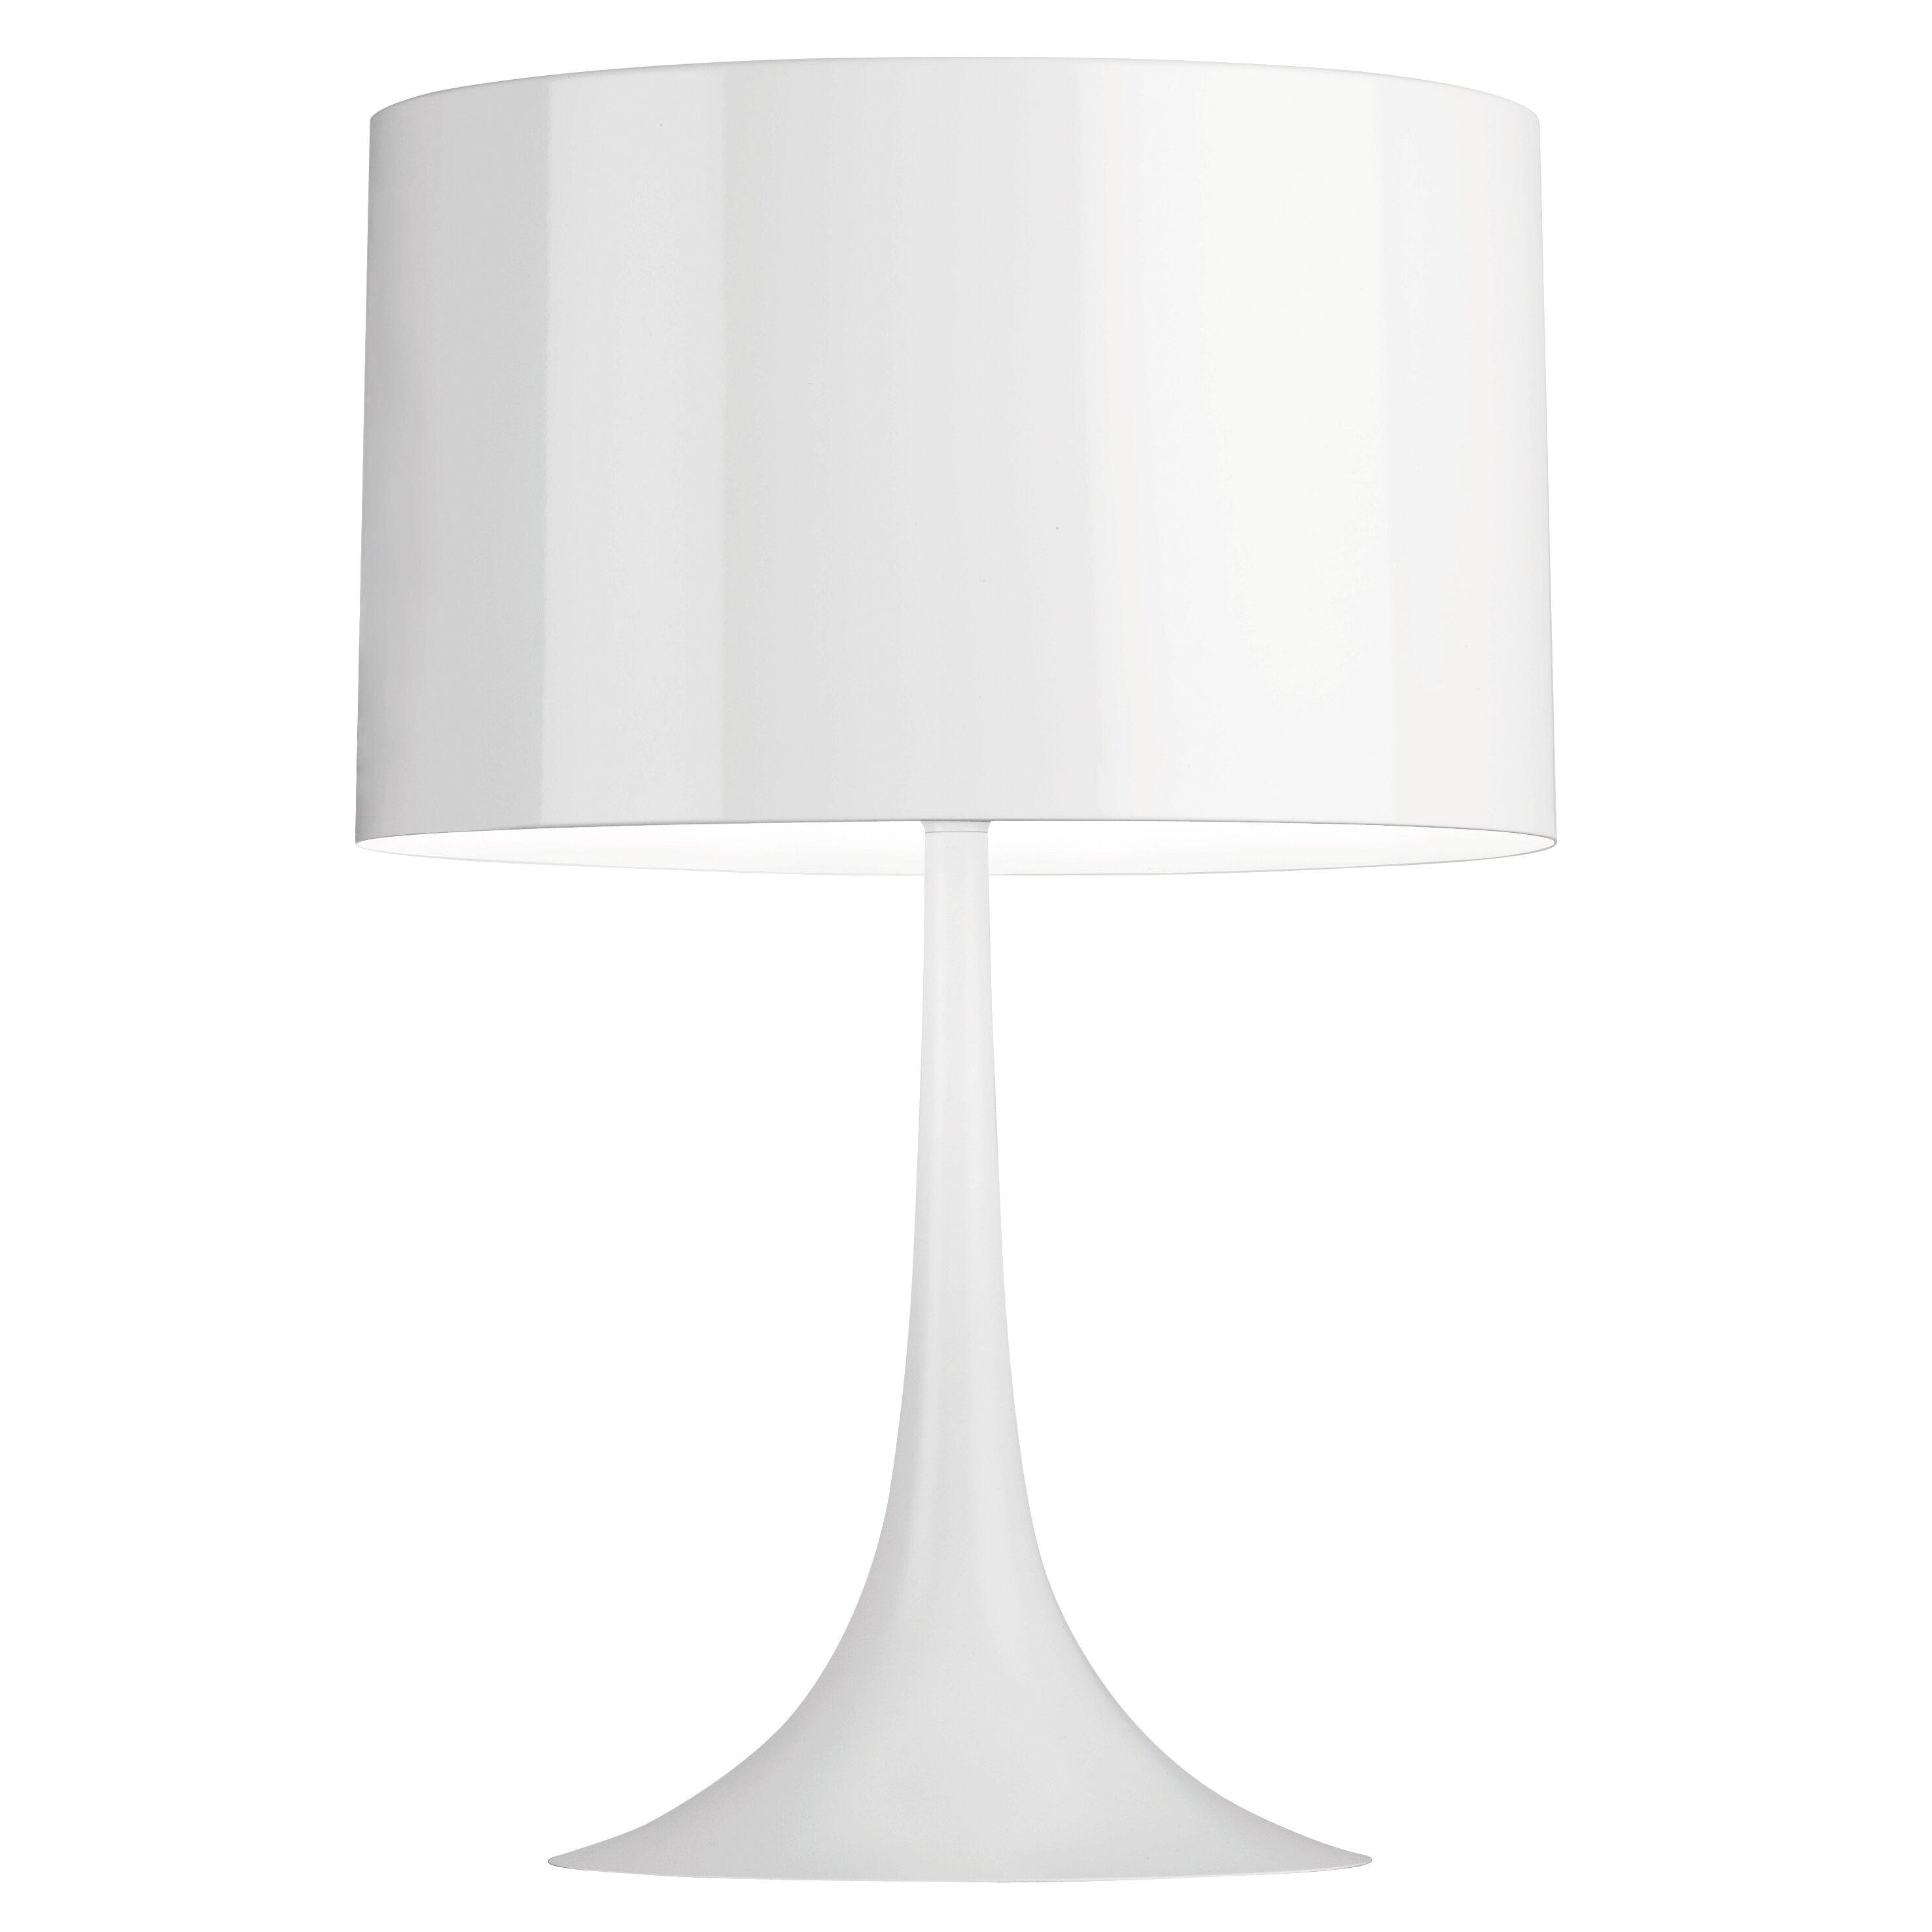 FLOS Lighting – Flos Desk Lamp